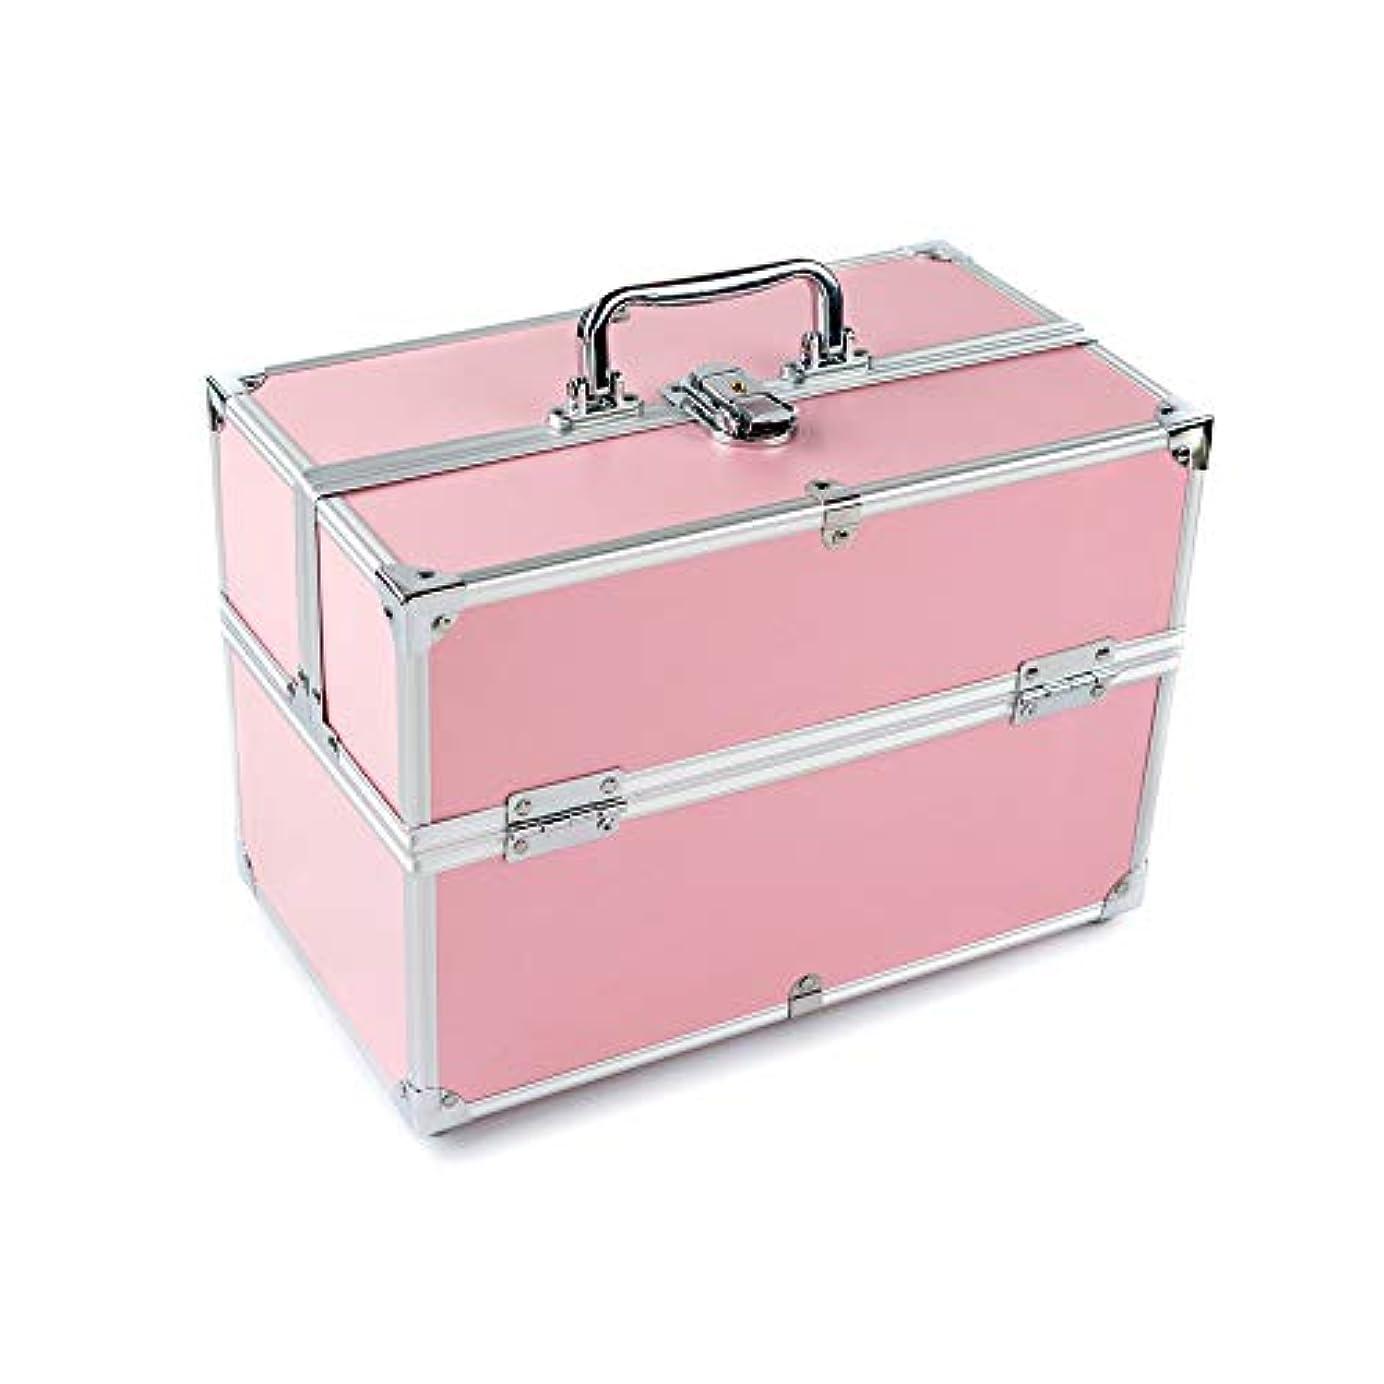 優先権担当者過敏な化粧オーガナイザーバッグ 大容量ポータブル両面耐火ボード旅行の化粧品美容メイクアップ化粧ケースの折り畳みトレイ 化粧品ケース